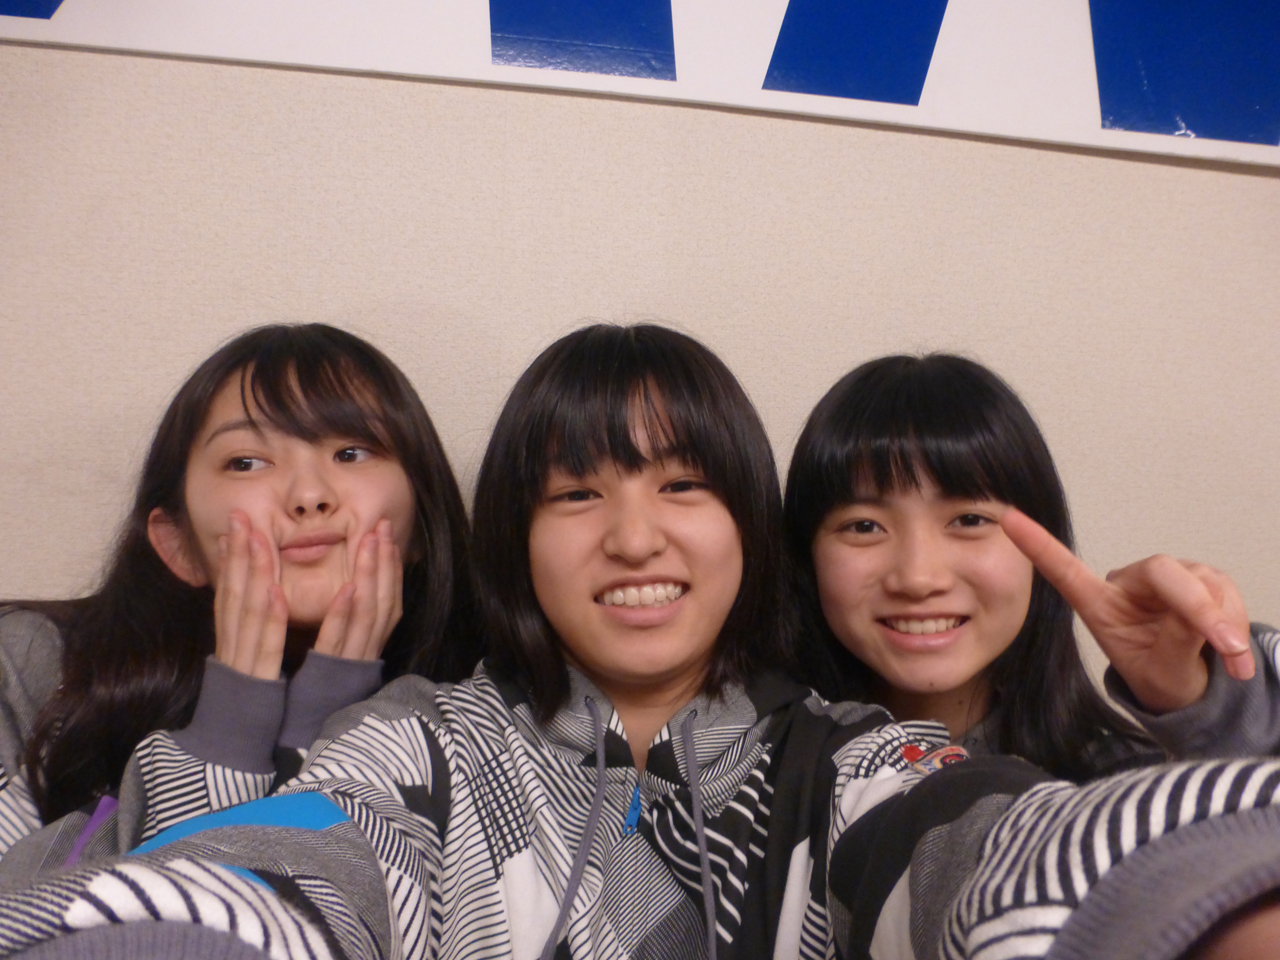 連載29回目は、5月9日にリリースされた5thシングル「無敵のビーナス」の制作中やCP(キャンペーン)の中からお送りします。(さくら/蒼良/有彩)